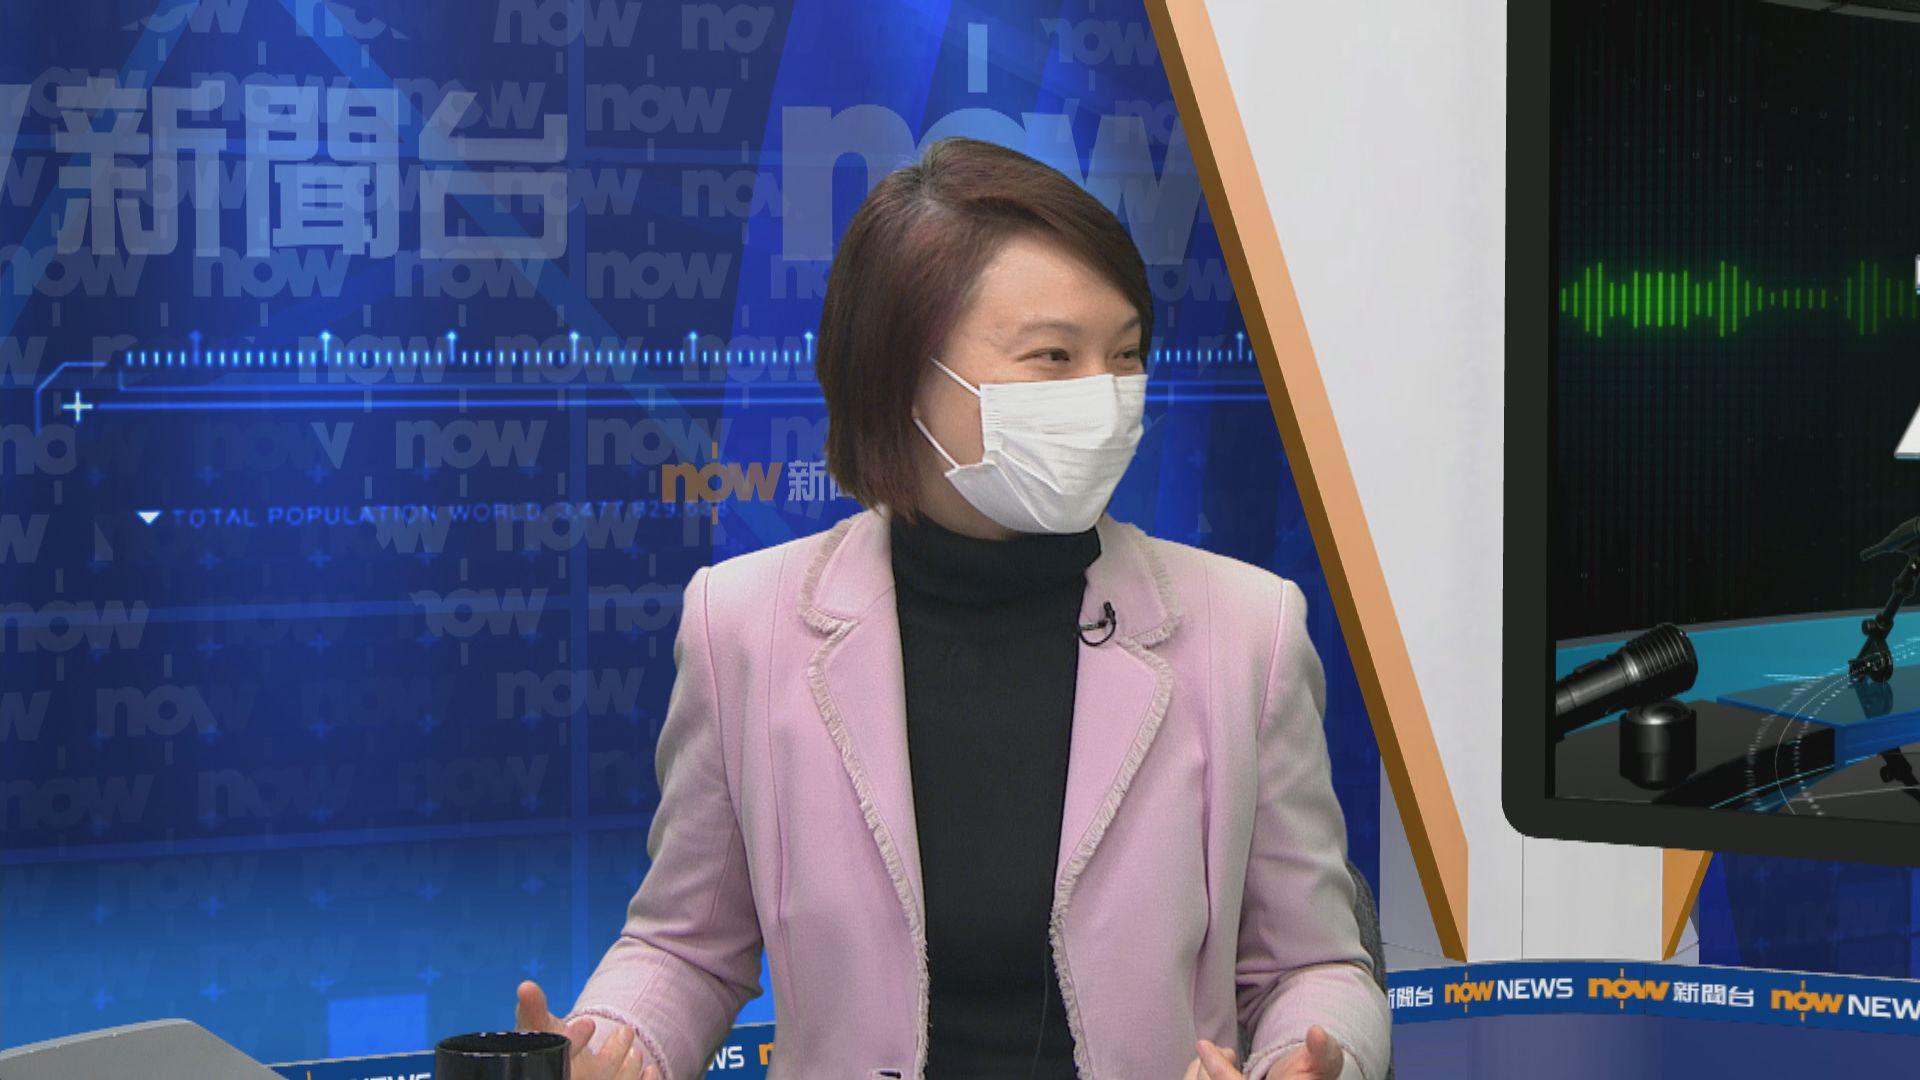 李慧琼:本港抗疫成績落後澳門需檢視